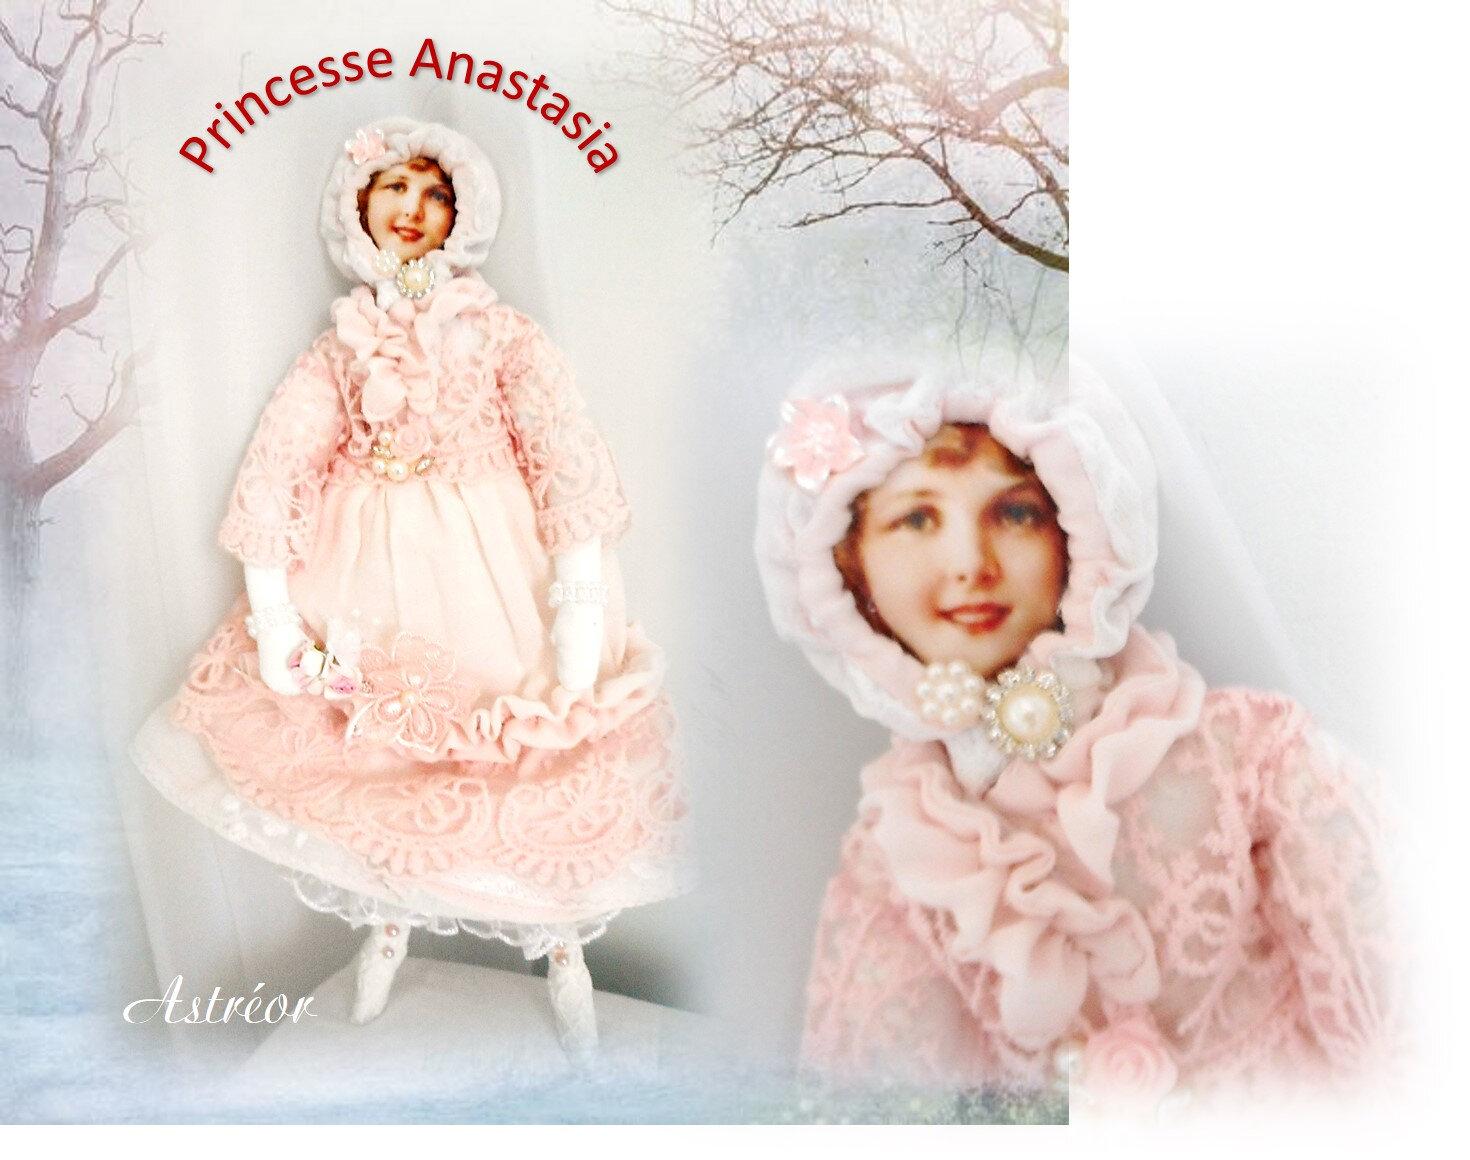 2019 0501 Anastasia1